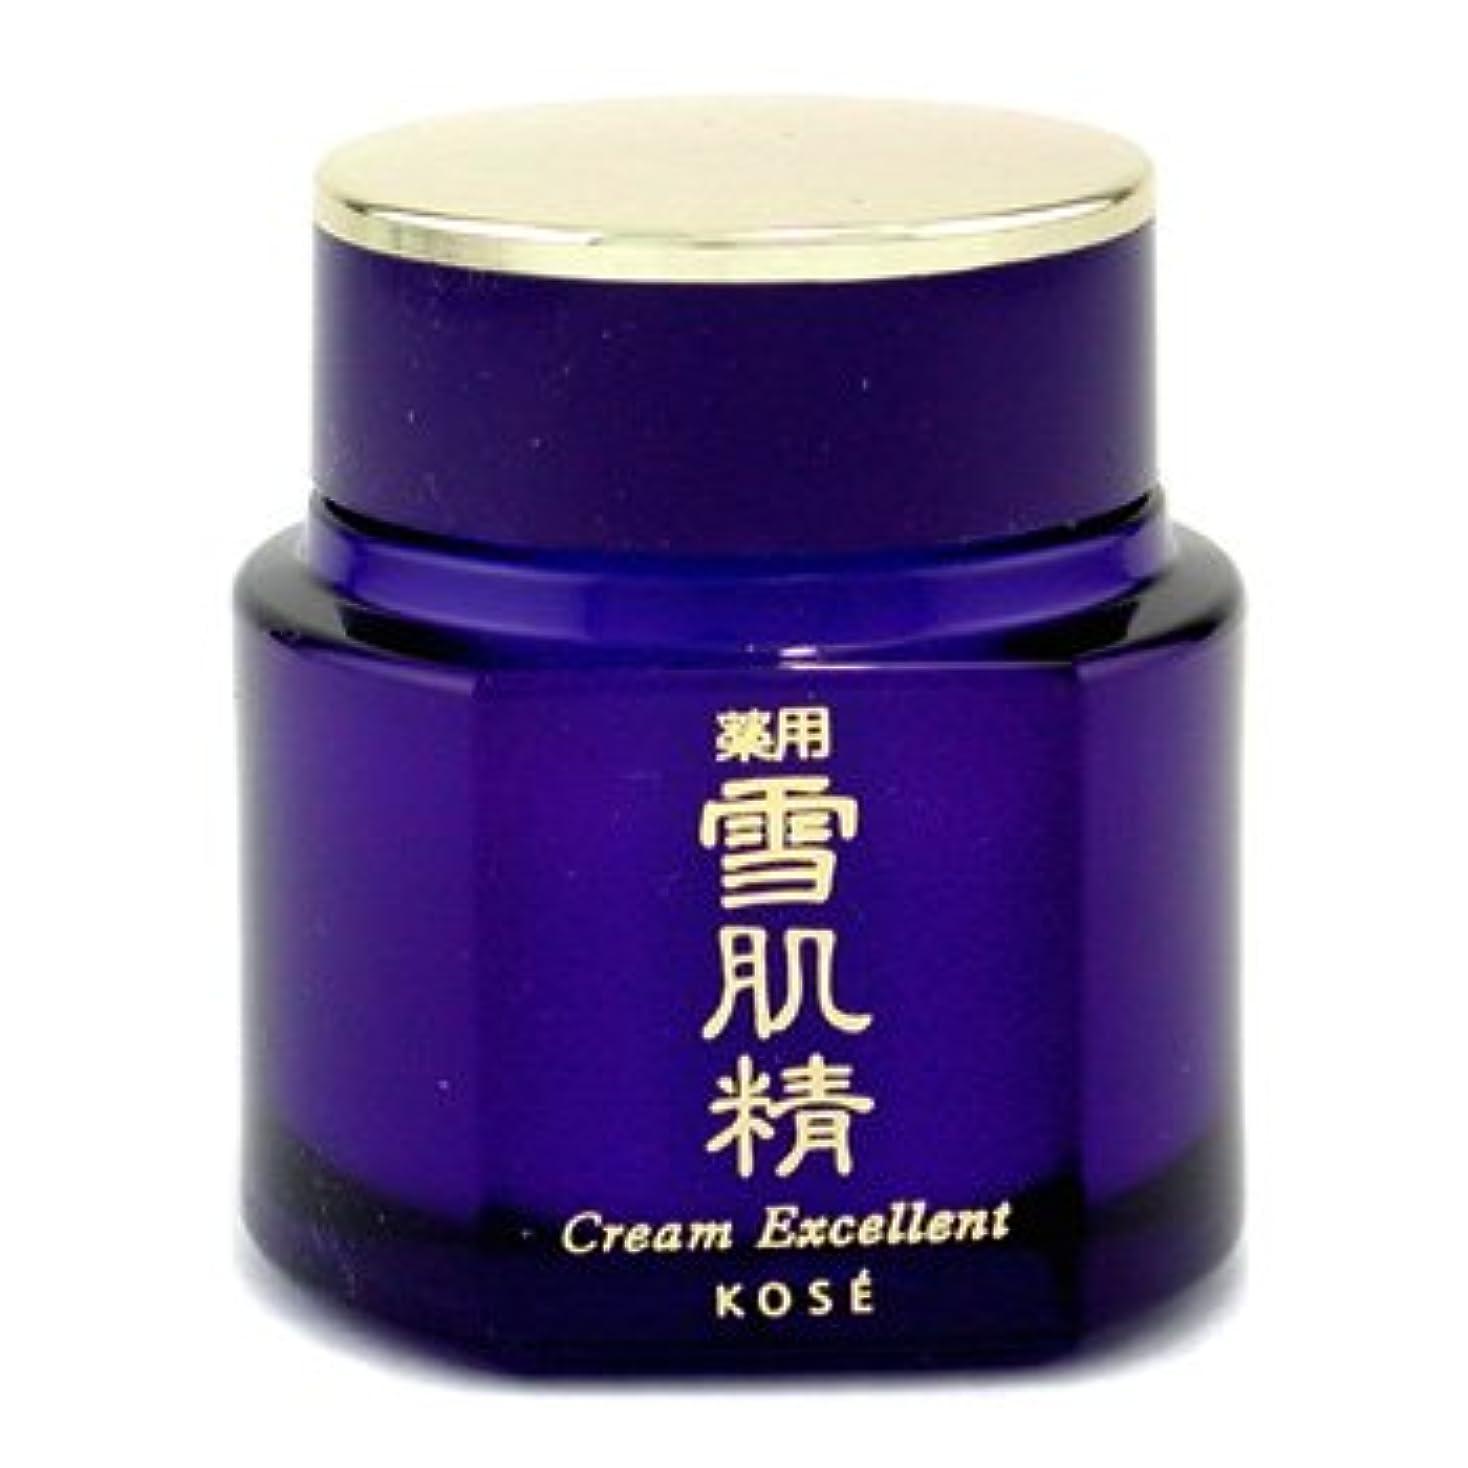 とげ葉巻マトンコーセー 薬用 雪肌精クリーム EX 50g